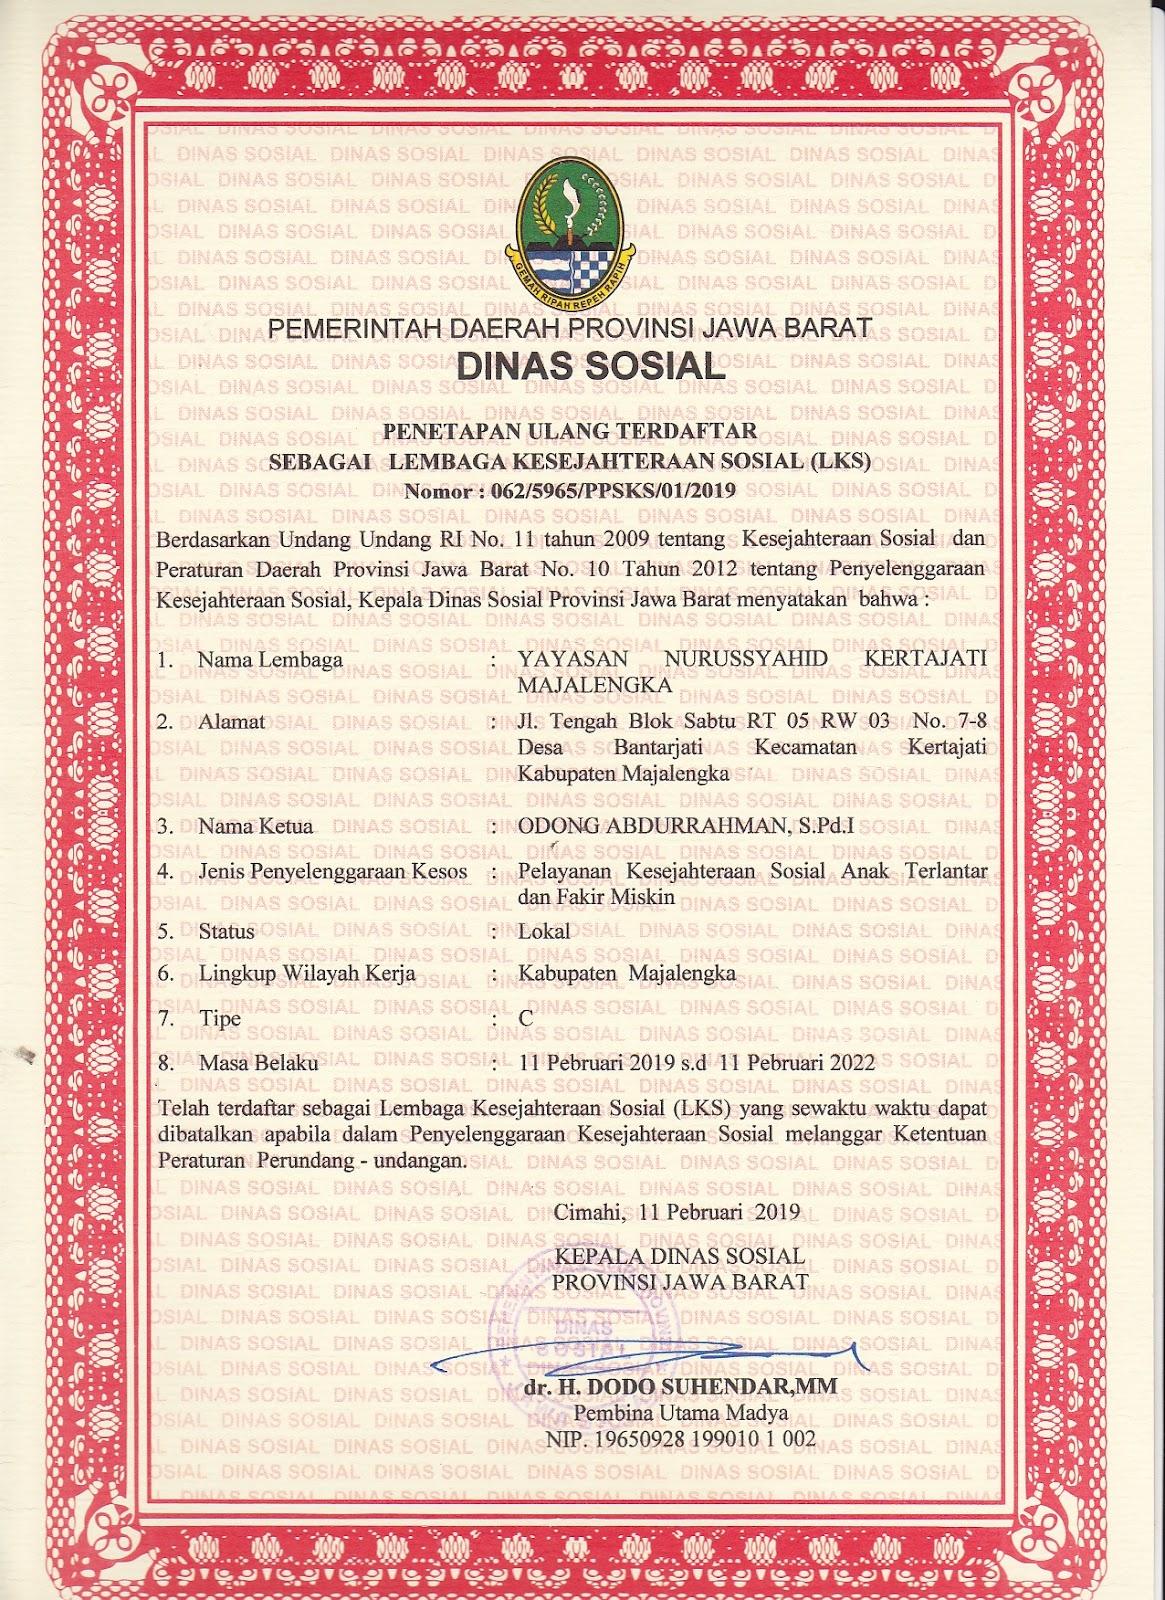 Profil Yayasan Nurussyahid Kertajati Majalengka Dalam